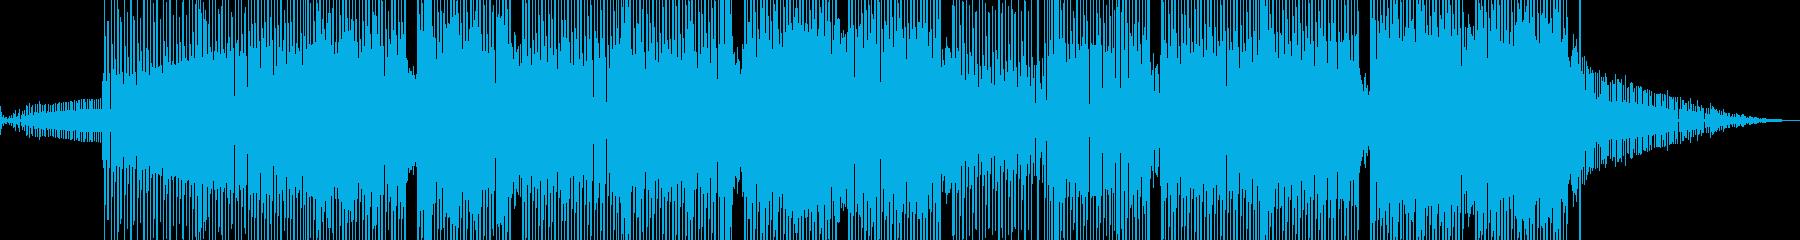 科学・浮遊感漂うテクノ 裏拍リズム A+の再生済みの波形